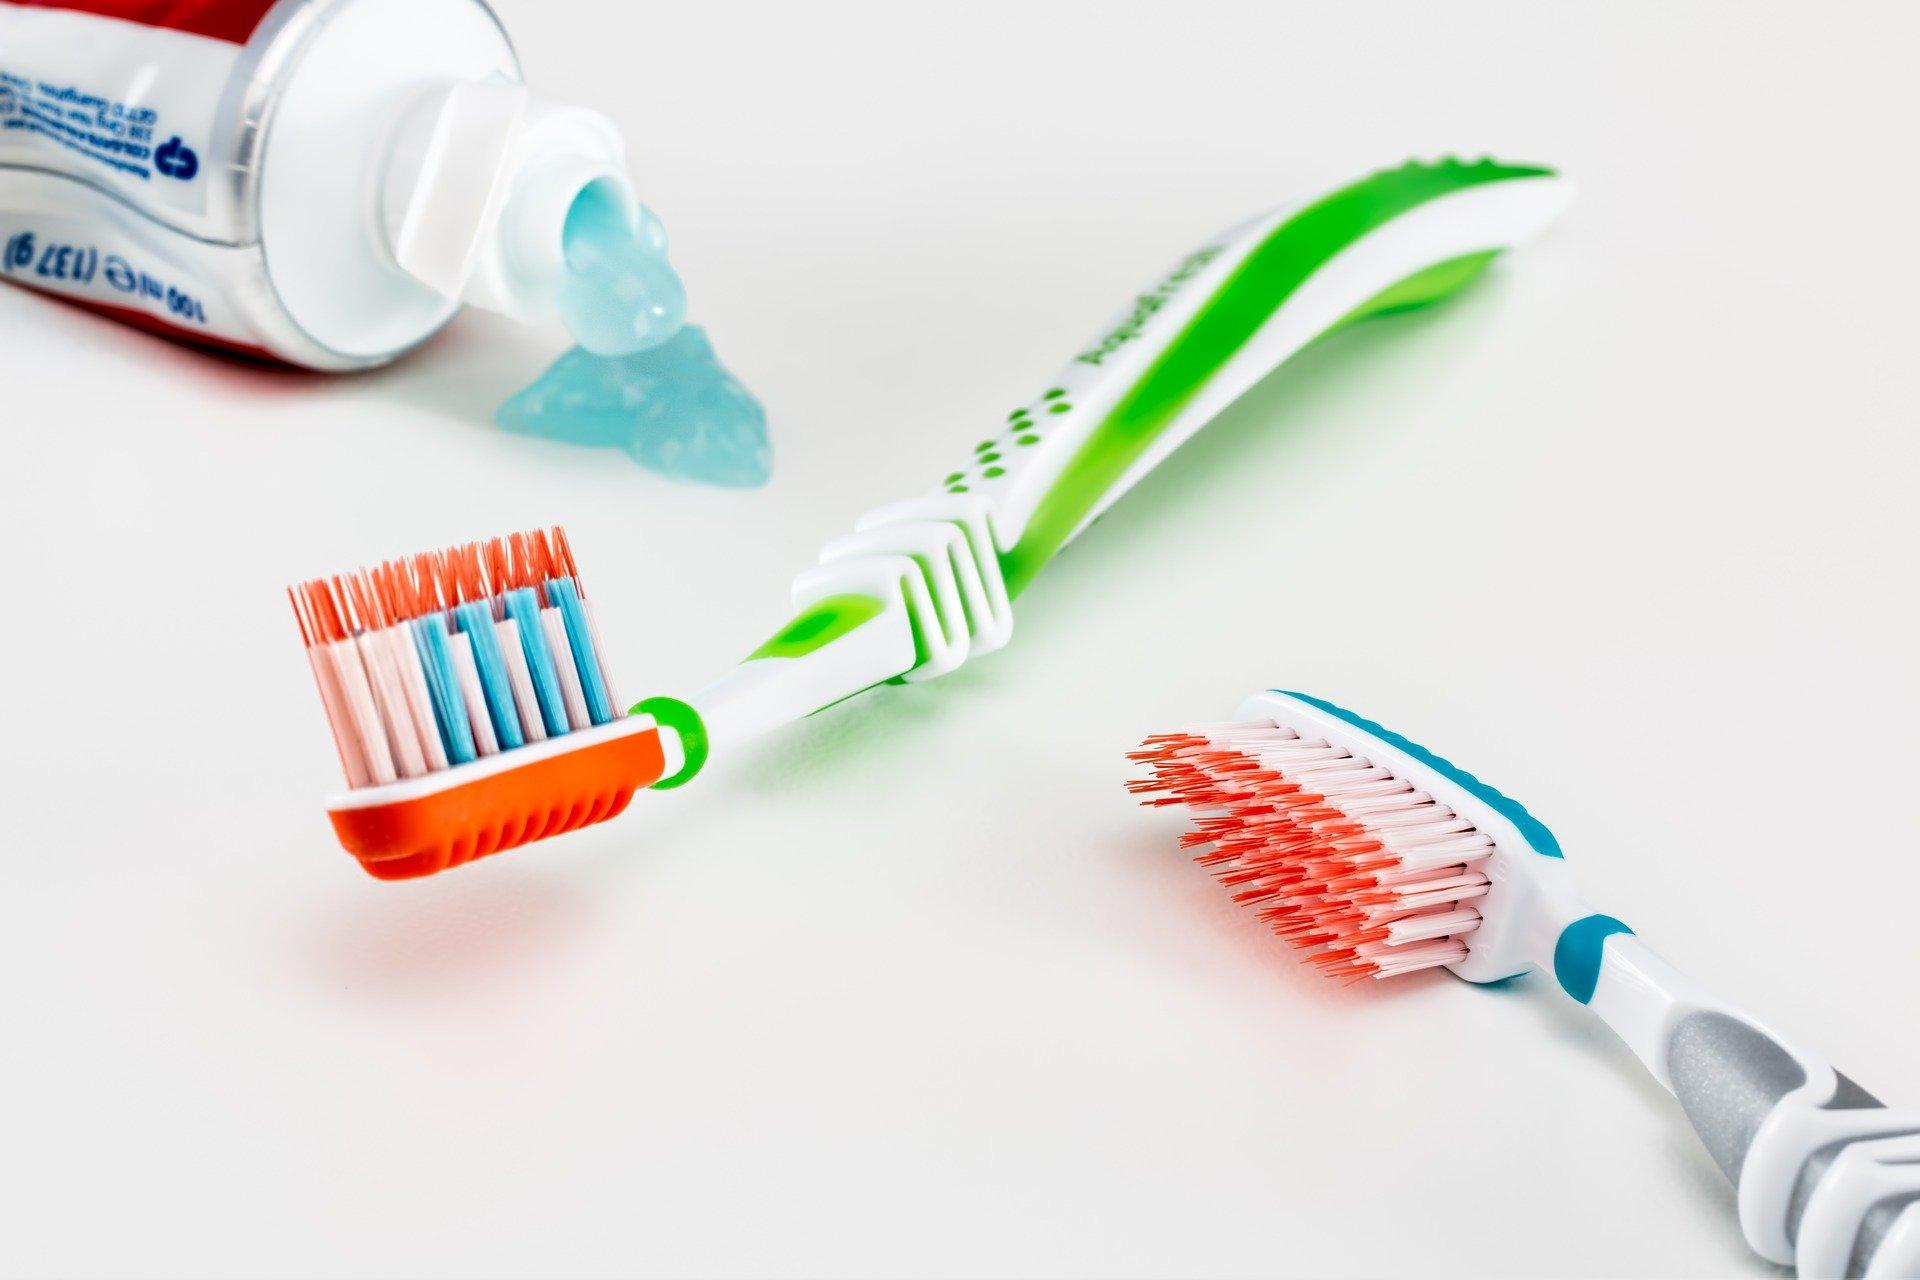 7 tips for good dental hygiene